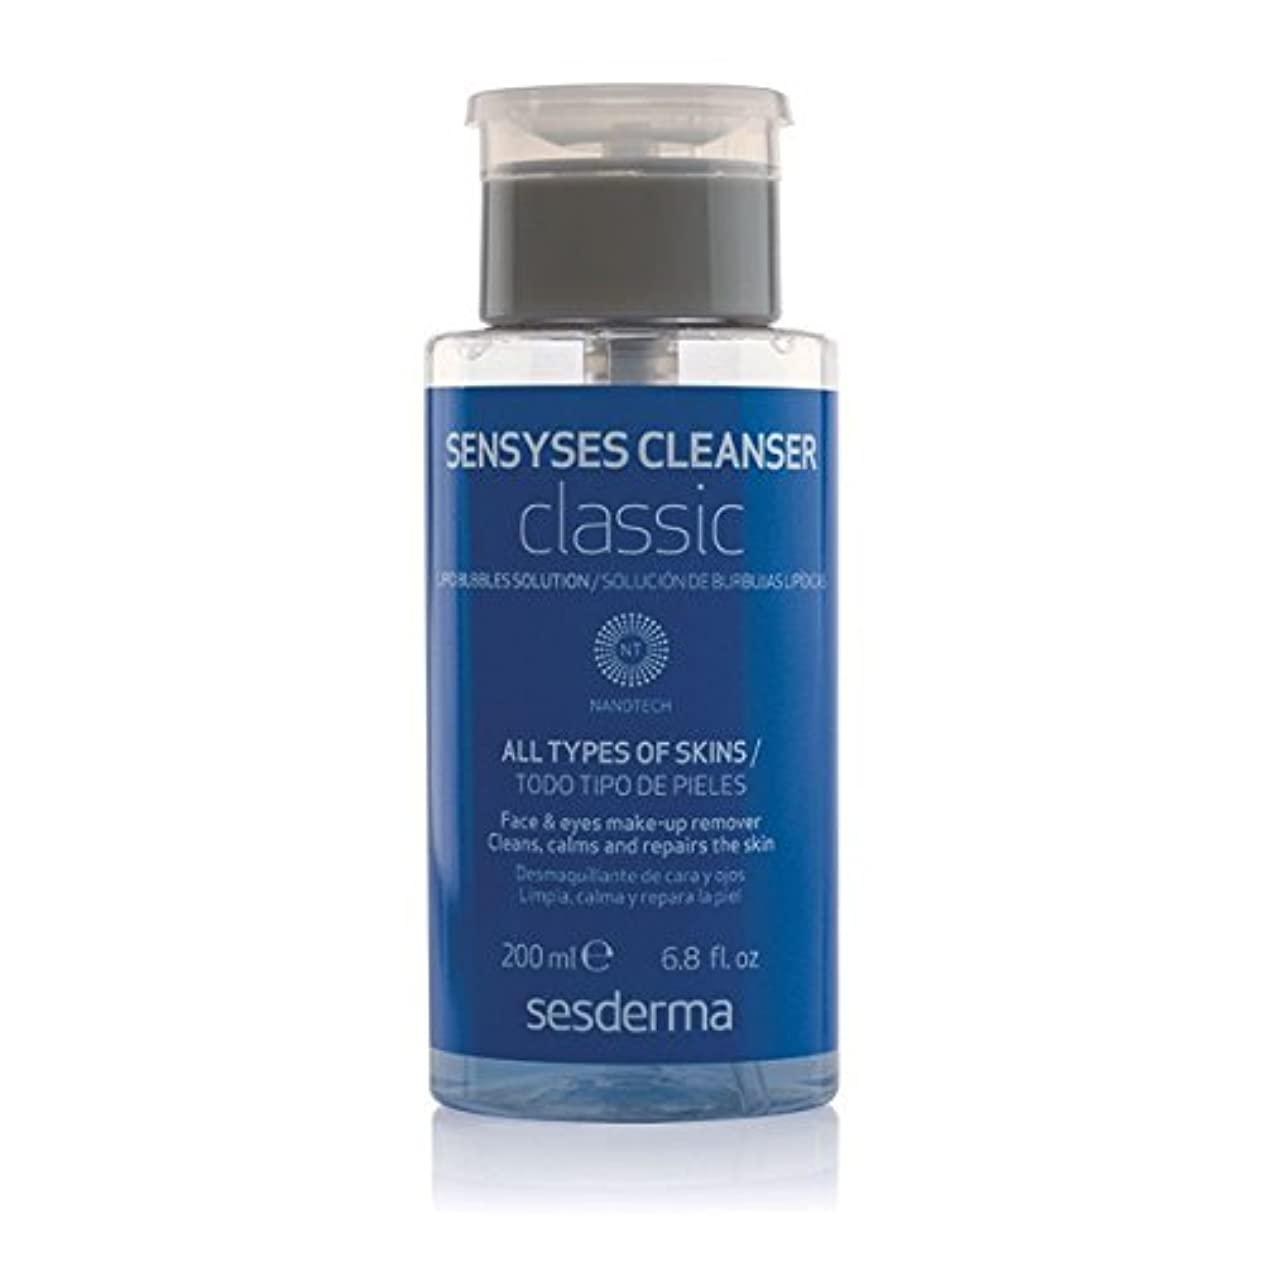 哀れな理容室樹木Sesderma Sensyses Cleanser Classic Lipid Bubbles Solution 200ml [並行輸入品]